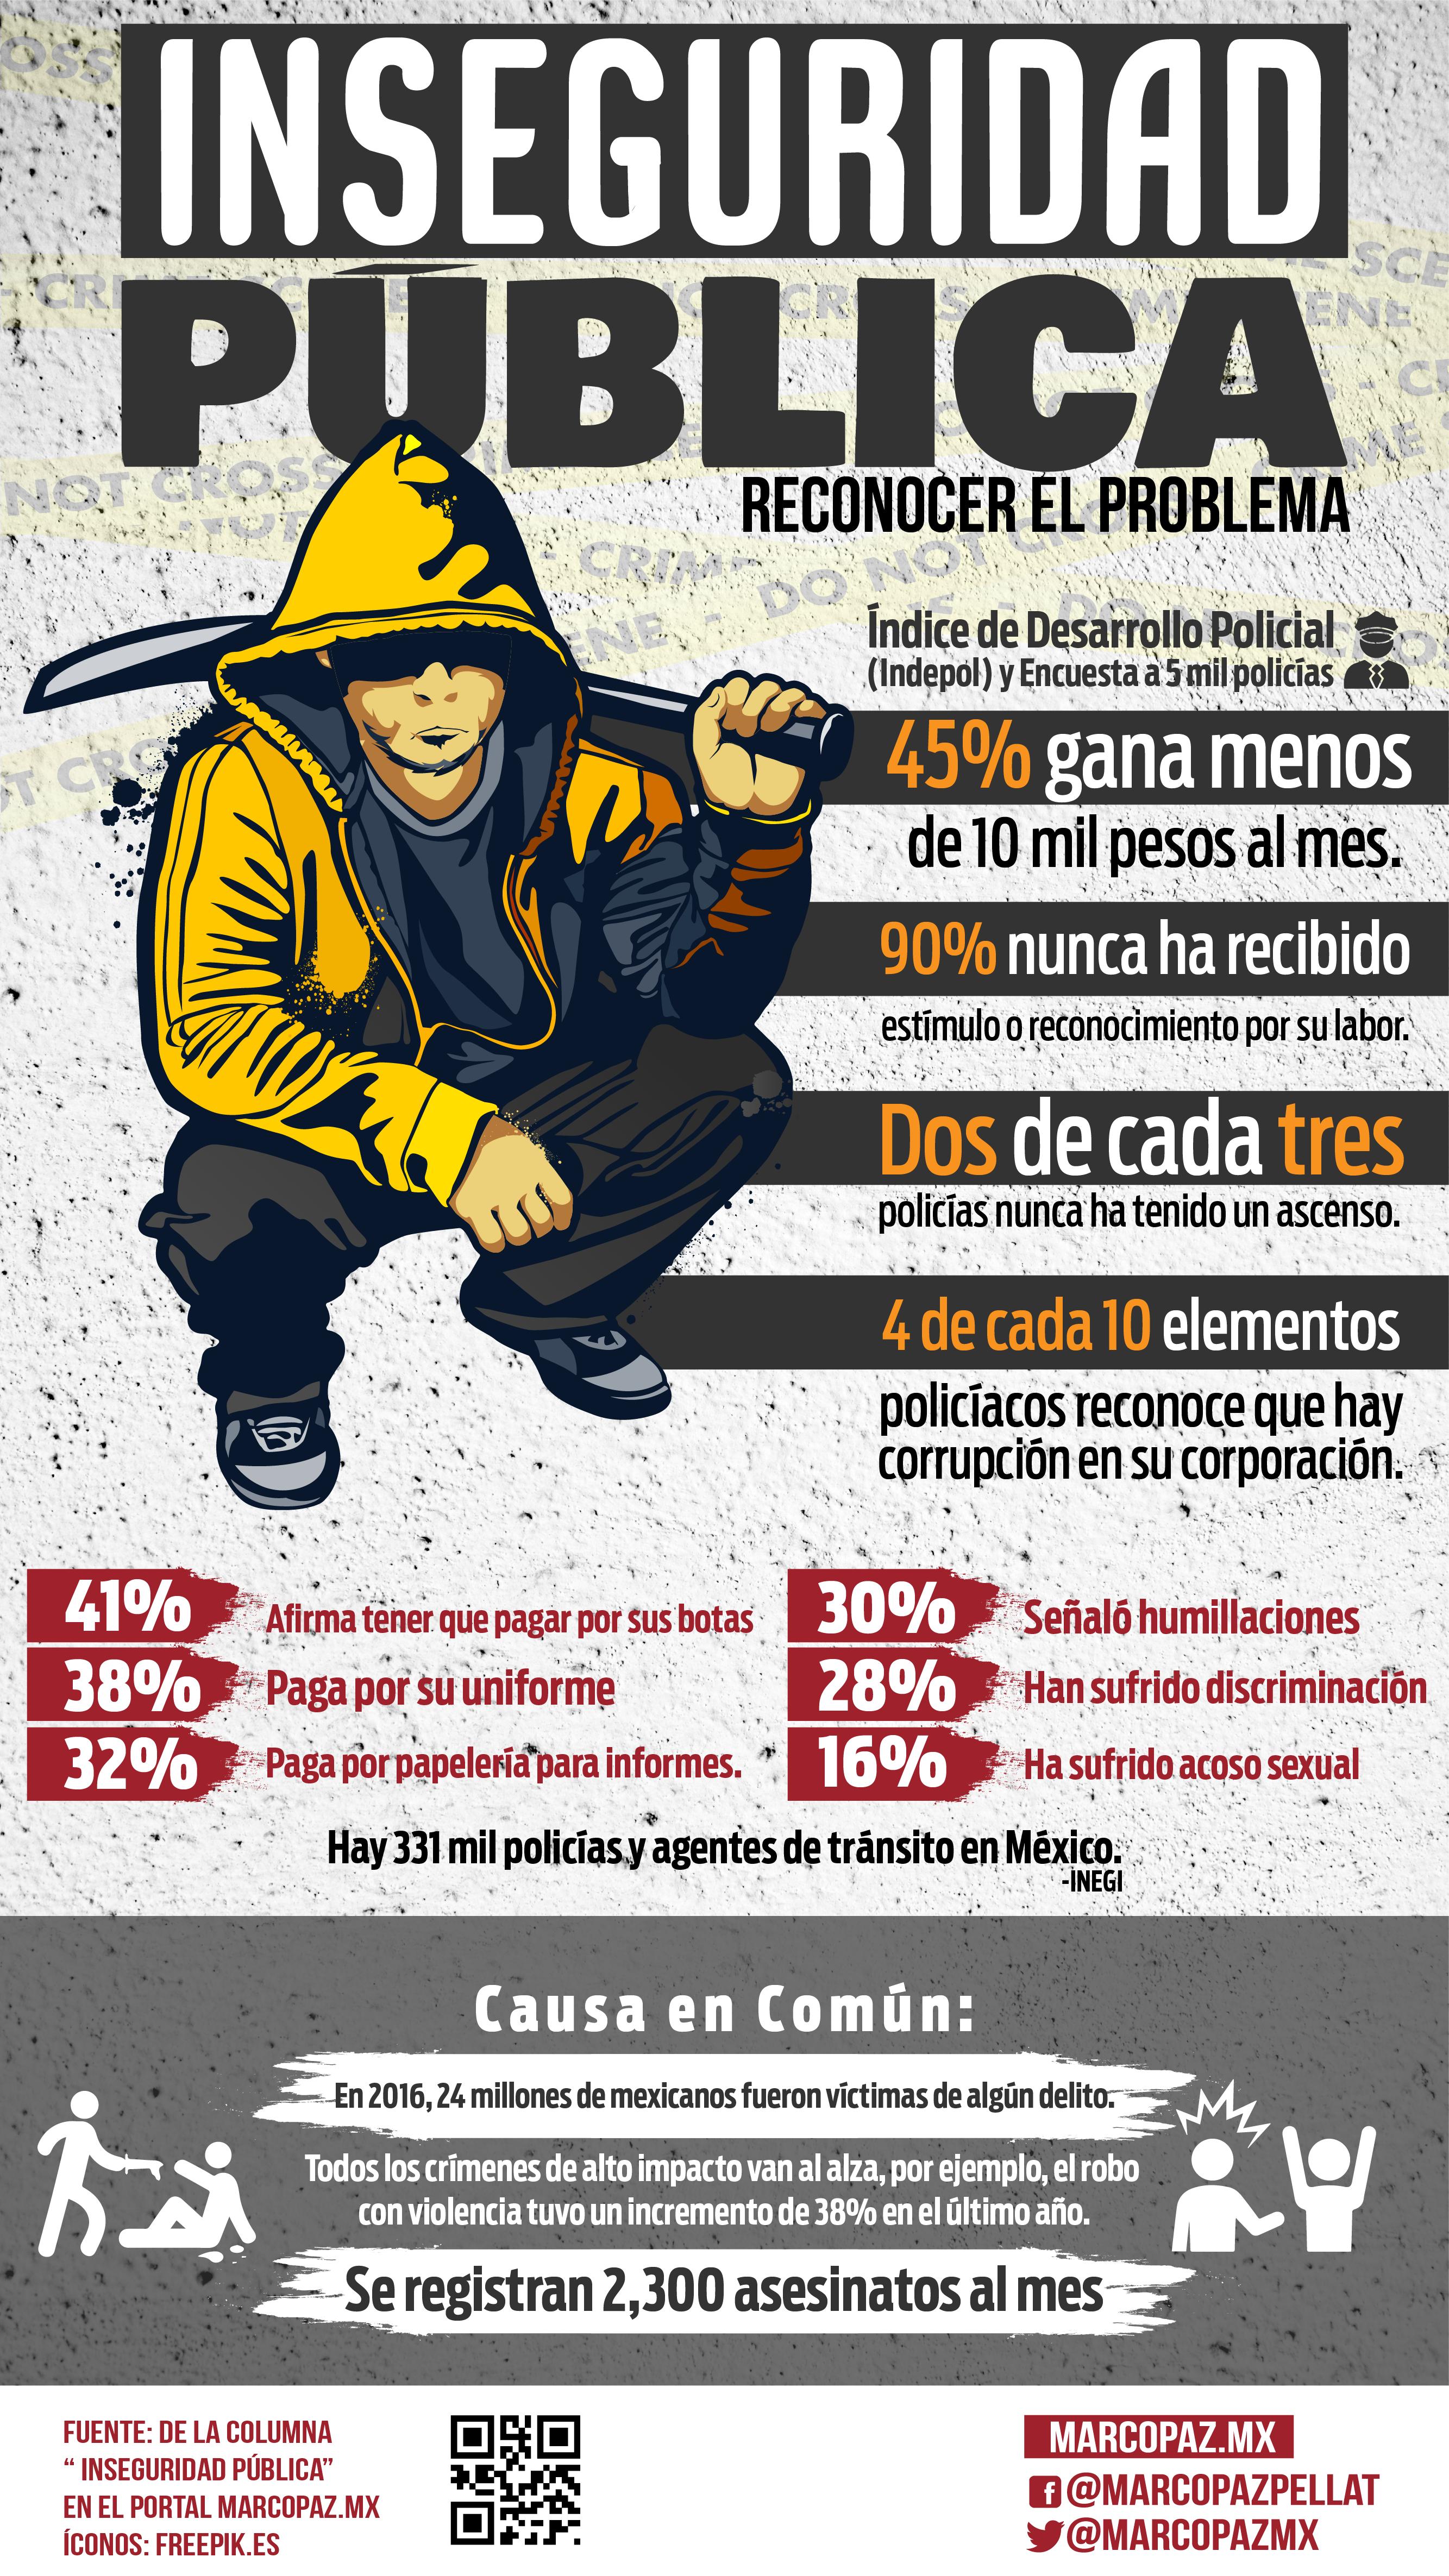 Info-INSEGURIDAD-01-01